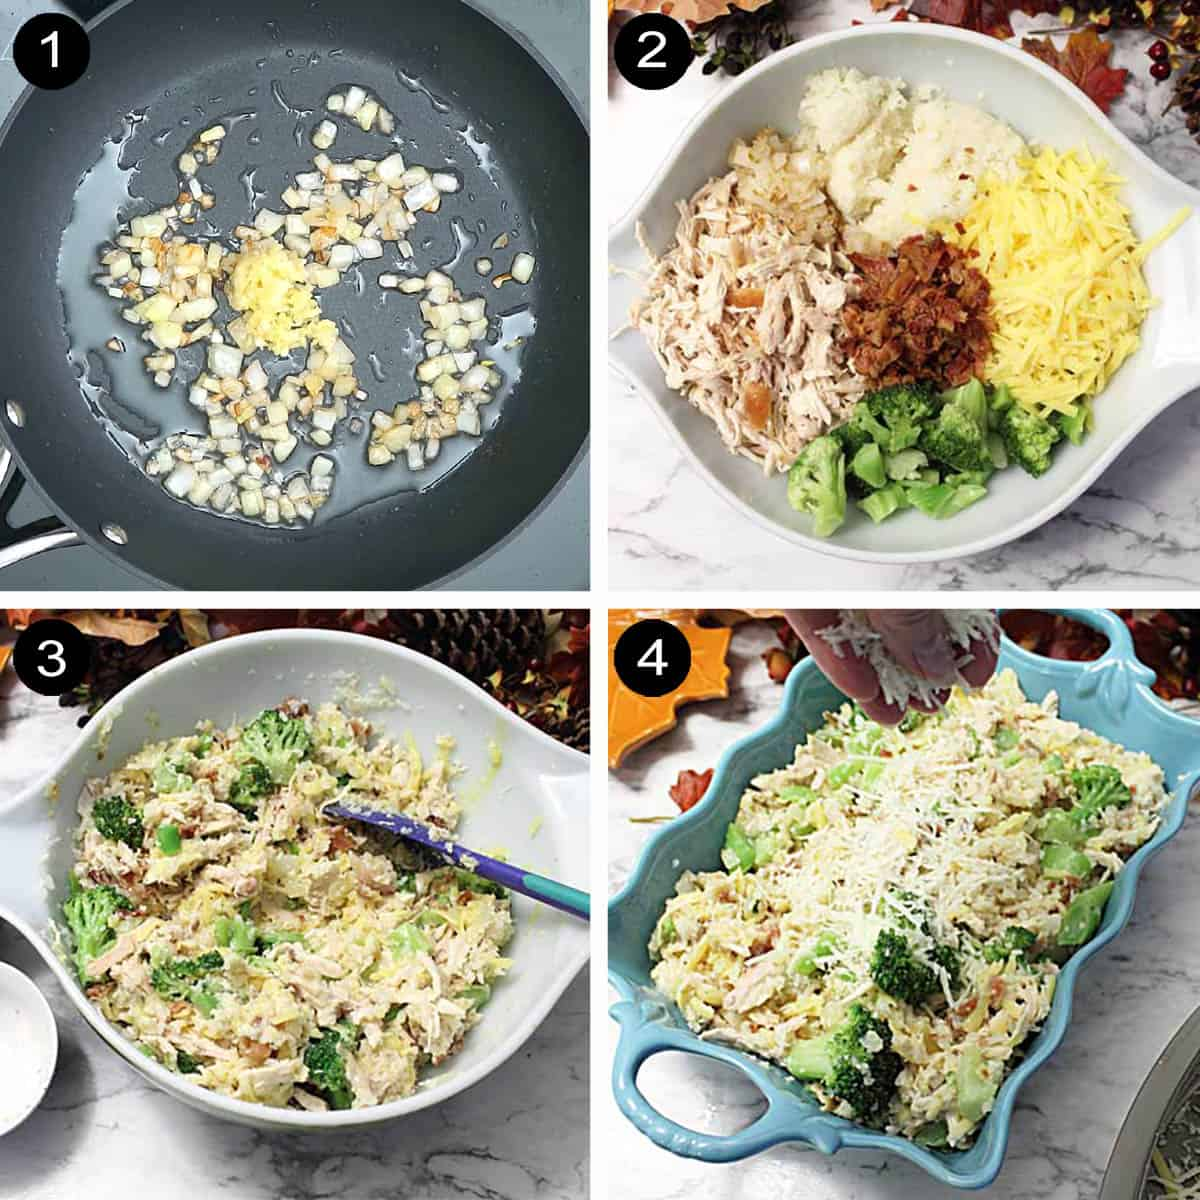 Prep steps for chicken broccoli cauliflower casserole.